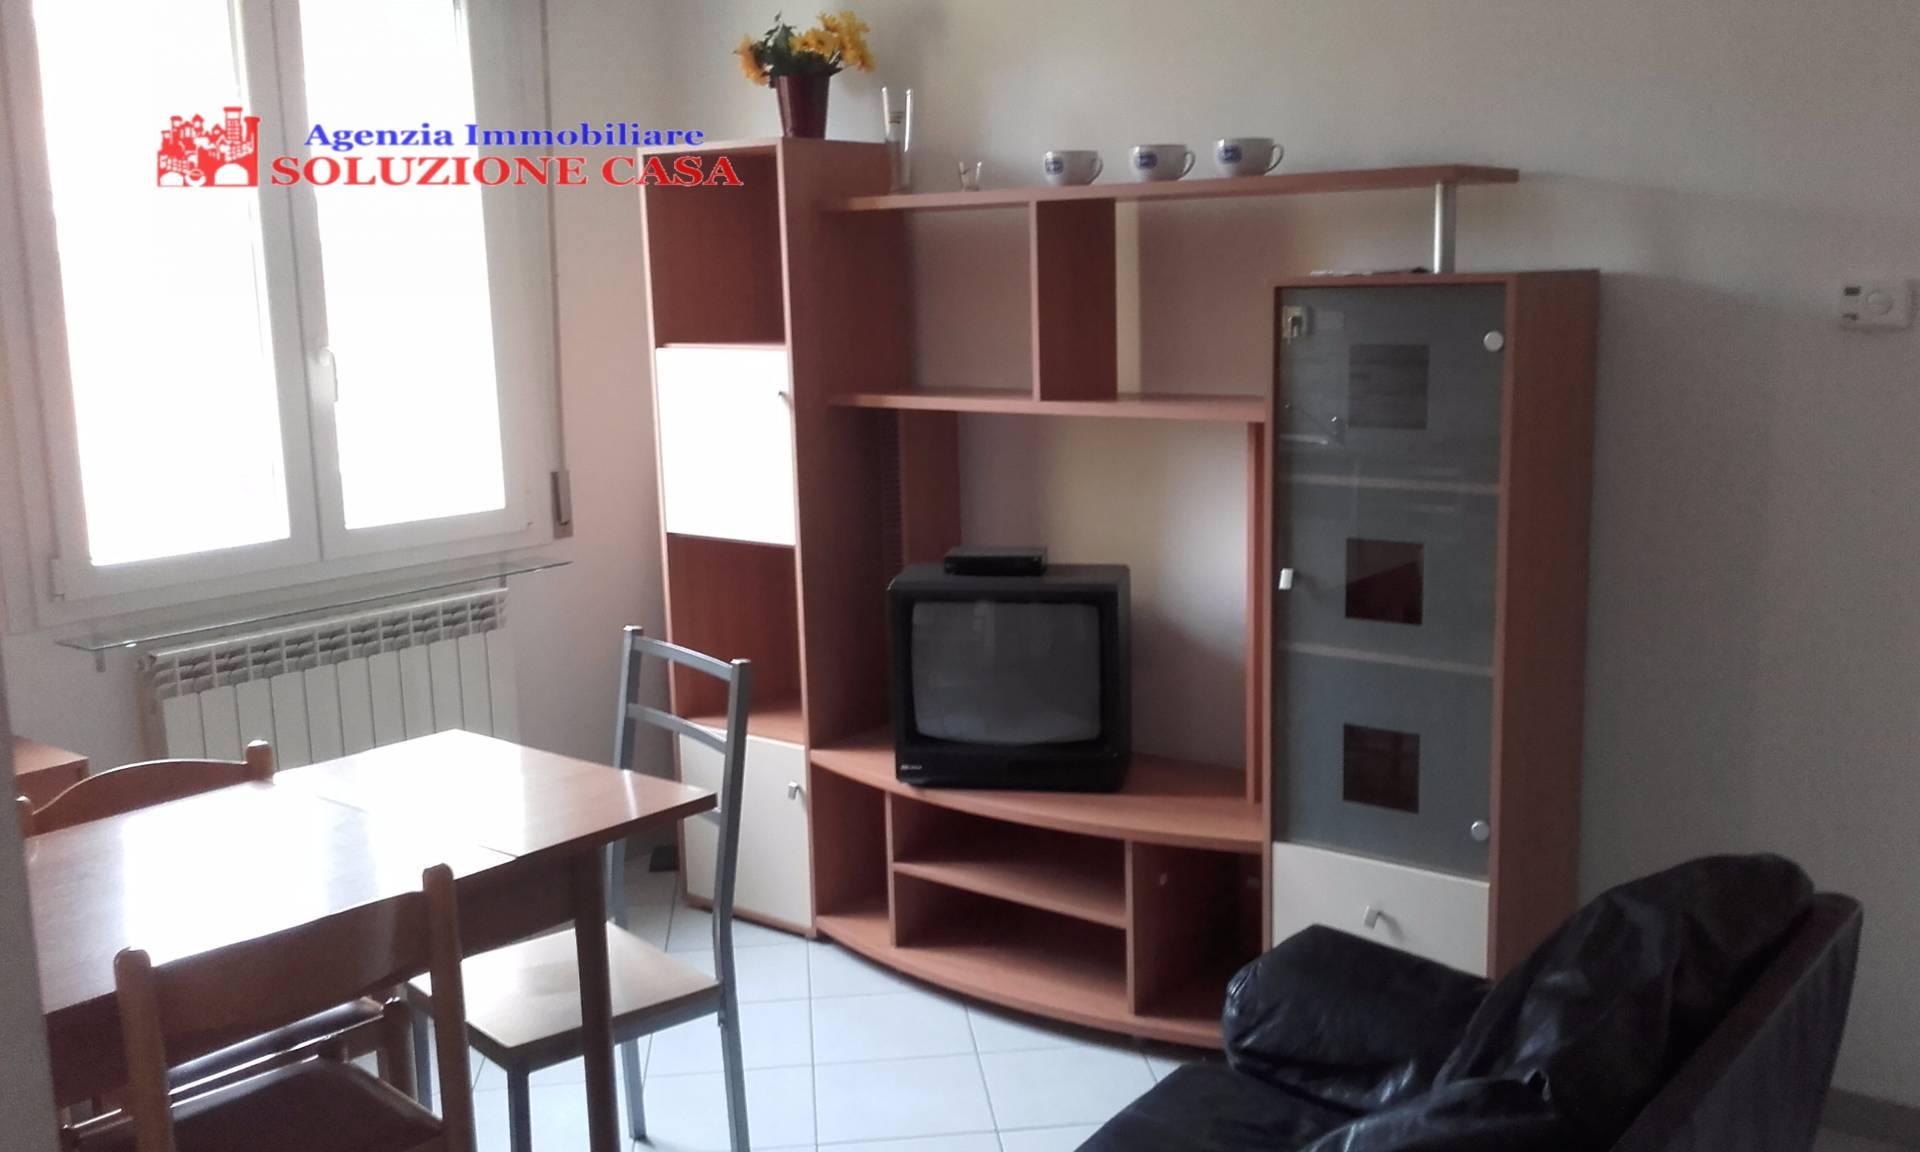 Appartamento in vendita a Pieve di Cento, 3 locali, prezzo € 105.000 | Cambio Casa.it